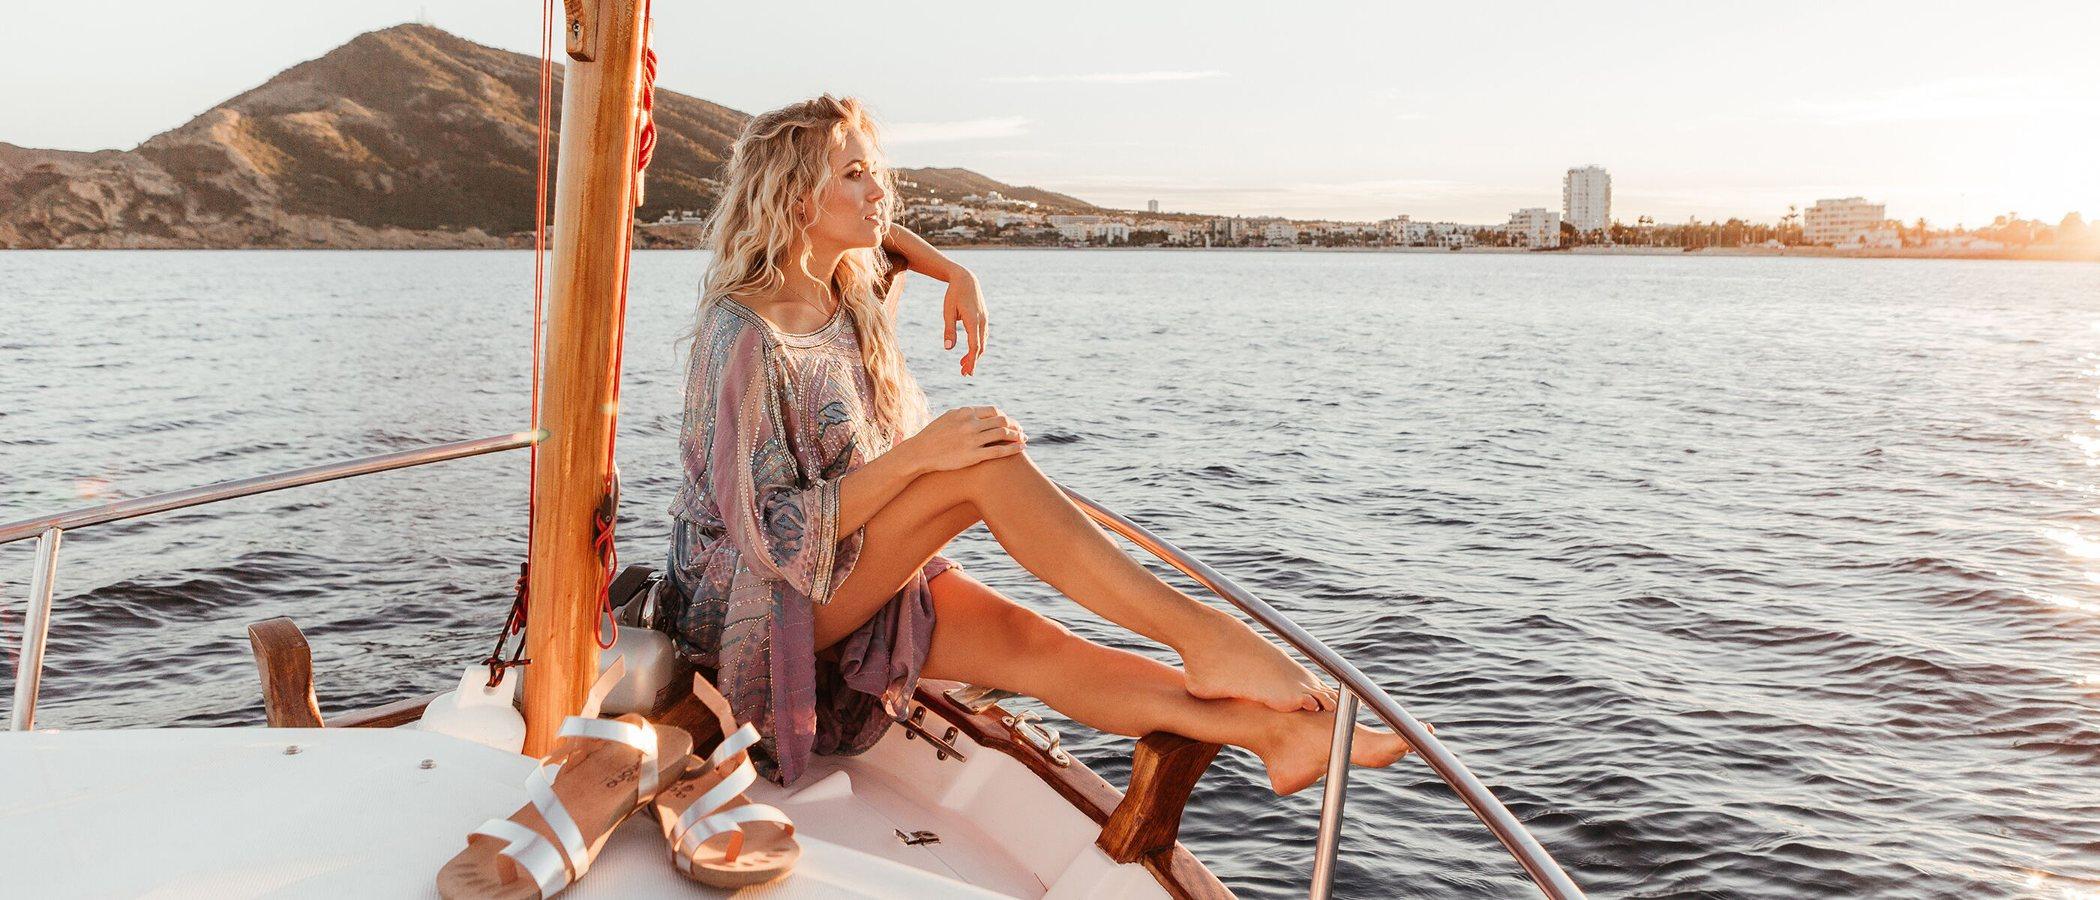 La costa del mediterráneo y Patricia Montero inspiran a Yokono para la colección primavera/verano 2019